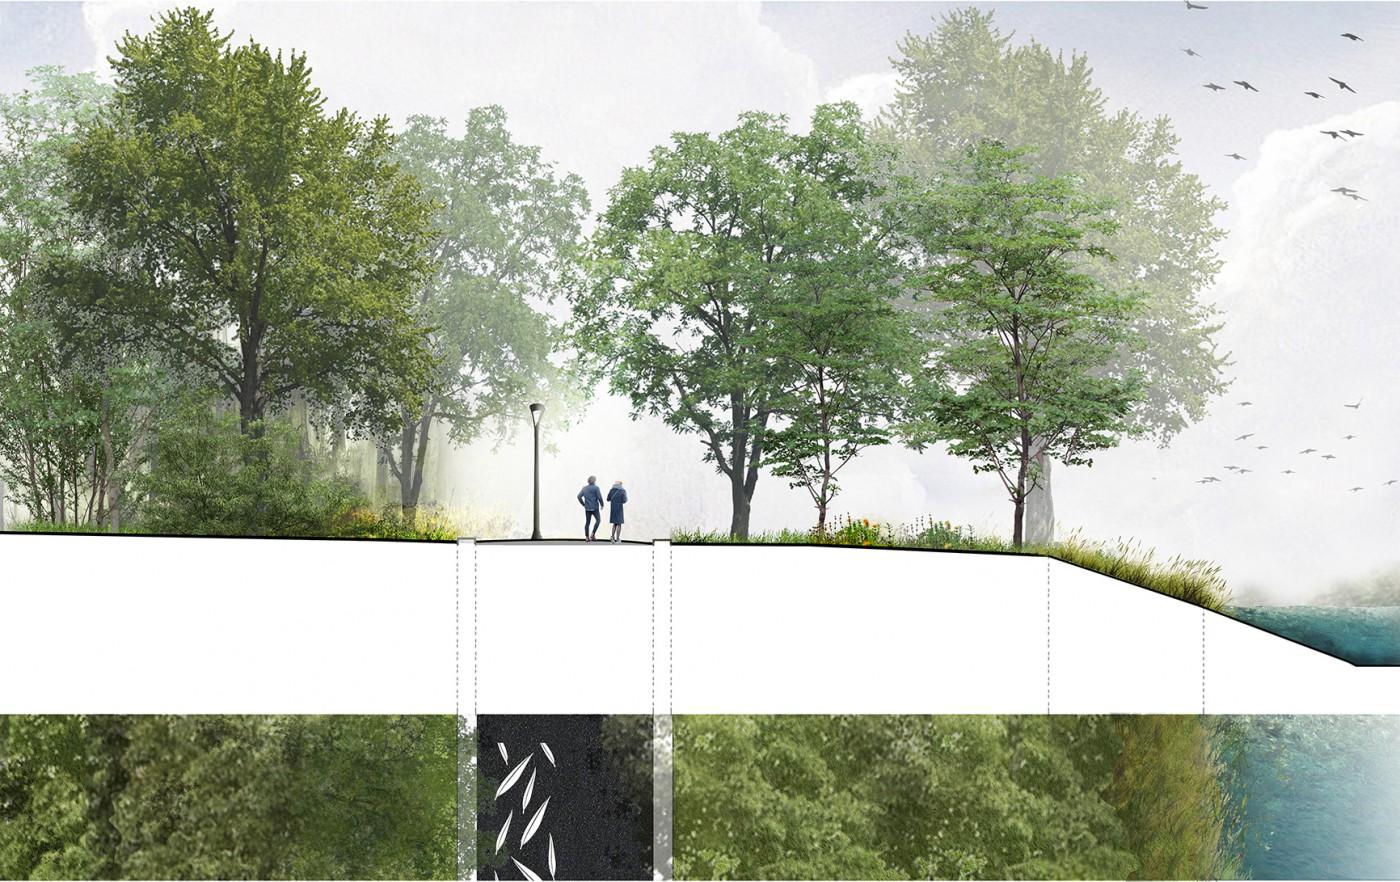 buro-sant-en-co-landschapsarchitectuur-johannapolder-albrandswaard-profiel-3